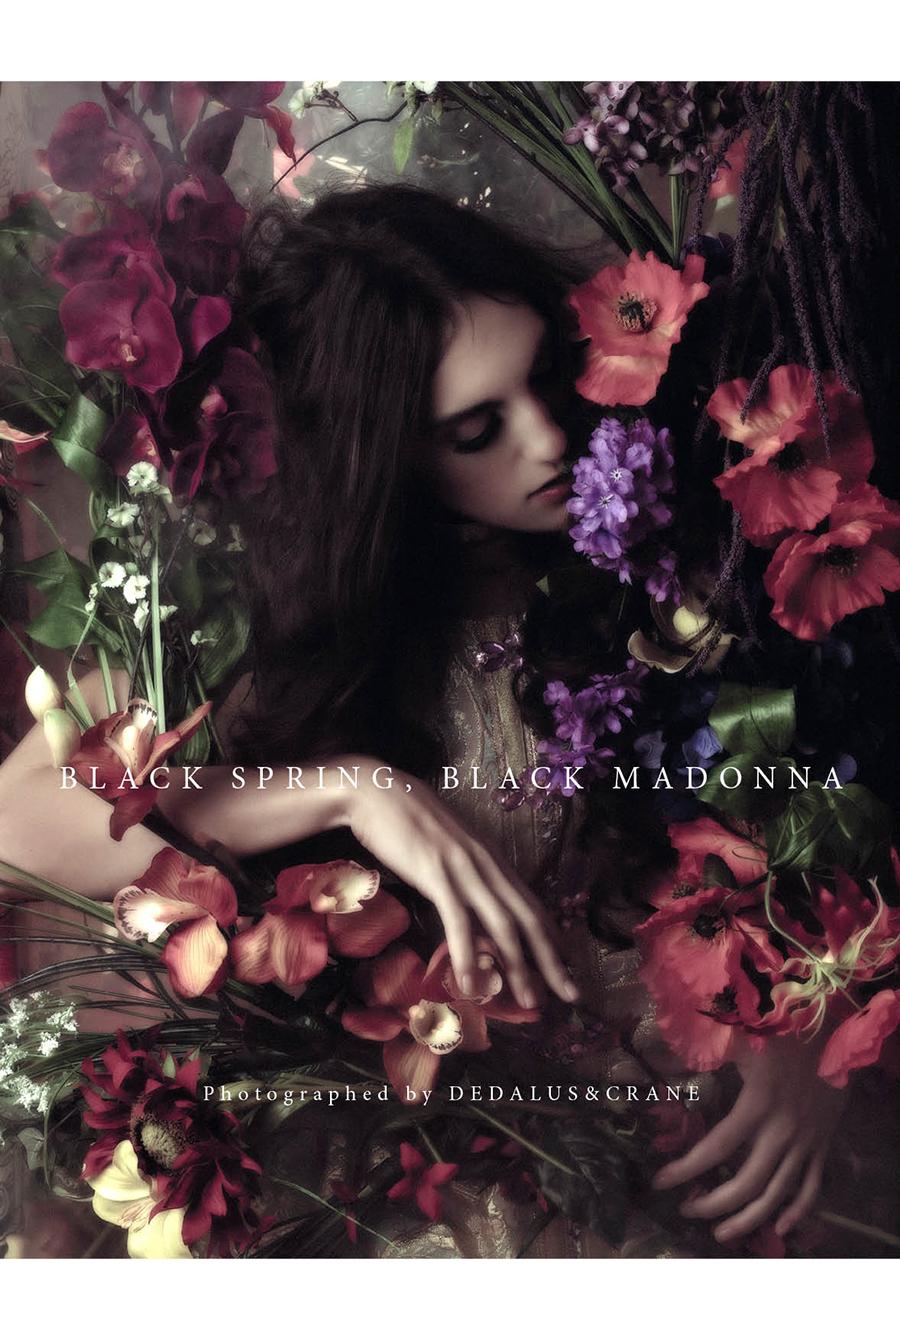 Black Spring, Black Madonna